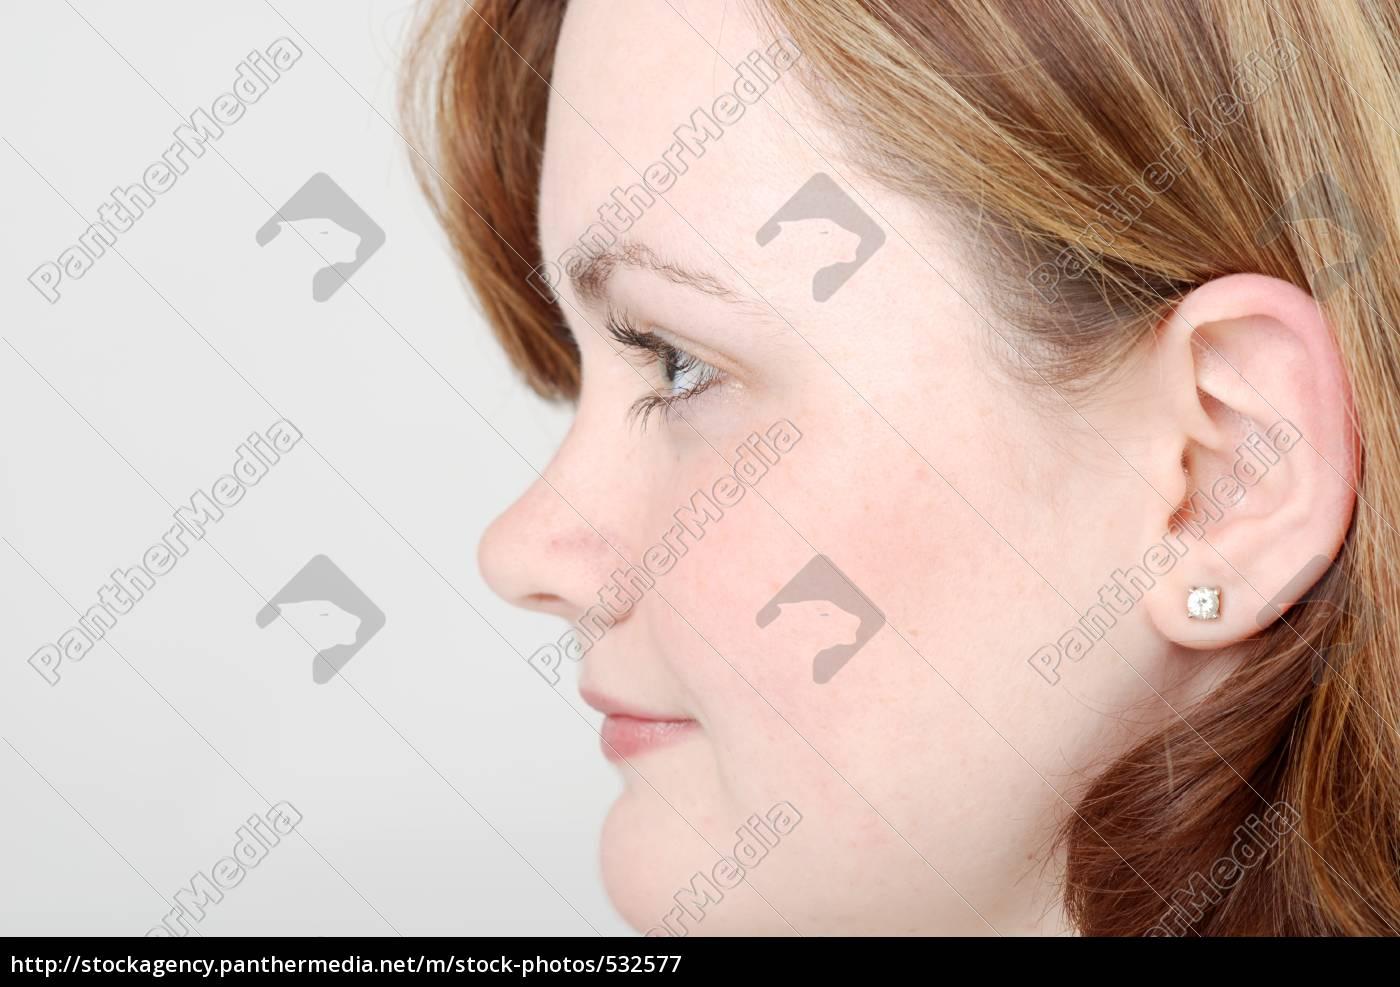 in, profile - 532577